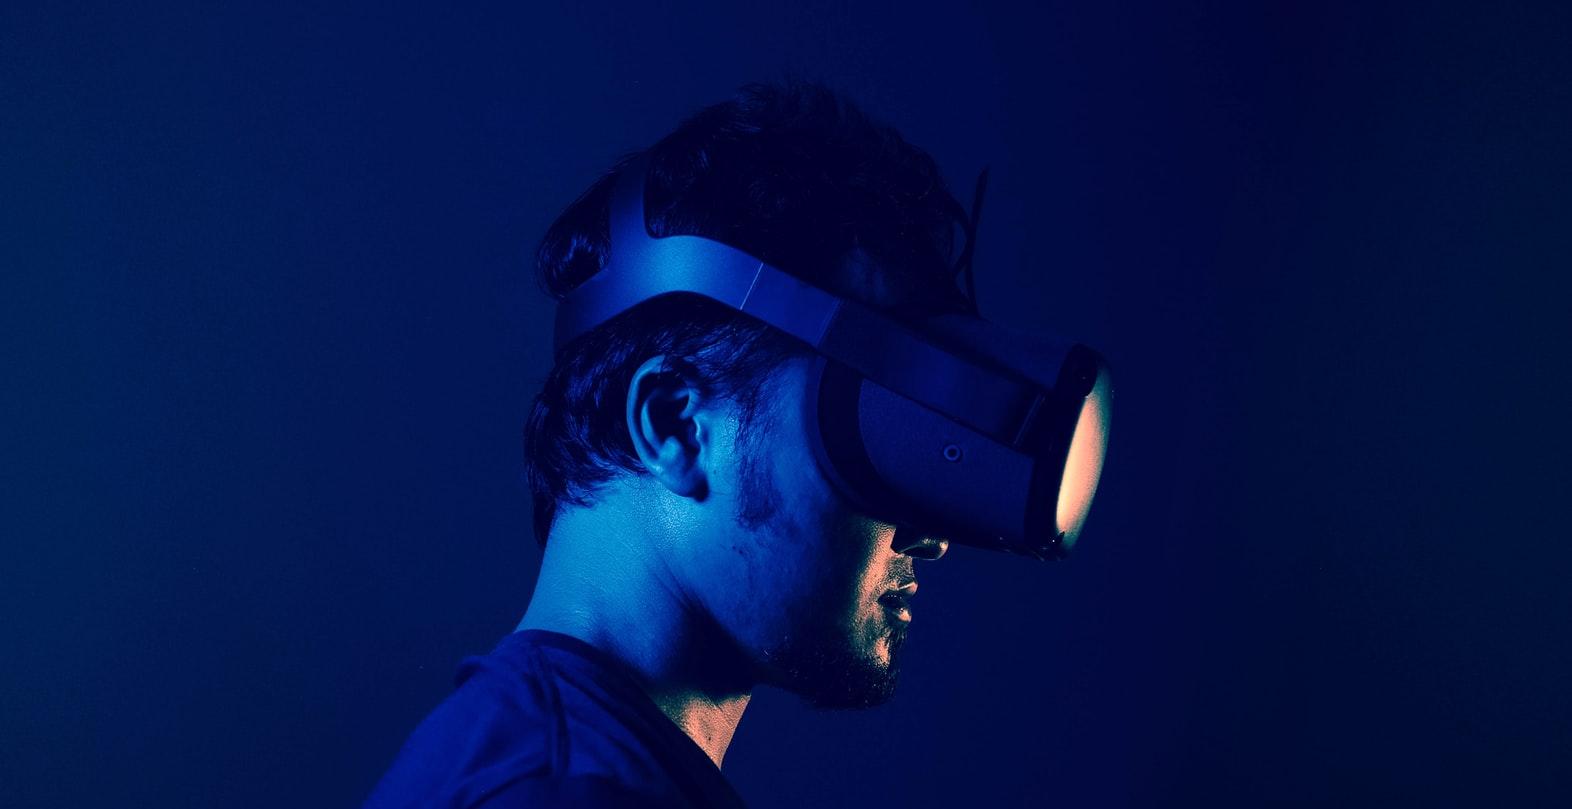 HP przedstawia nowy zestaw VR dla deweloperów i przedsiębiorstw